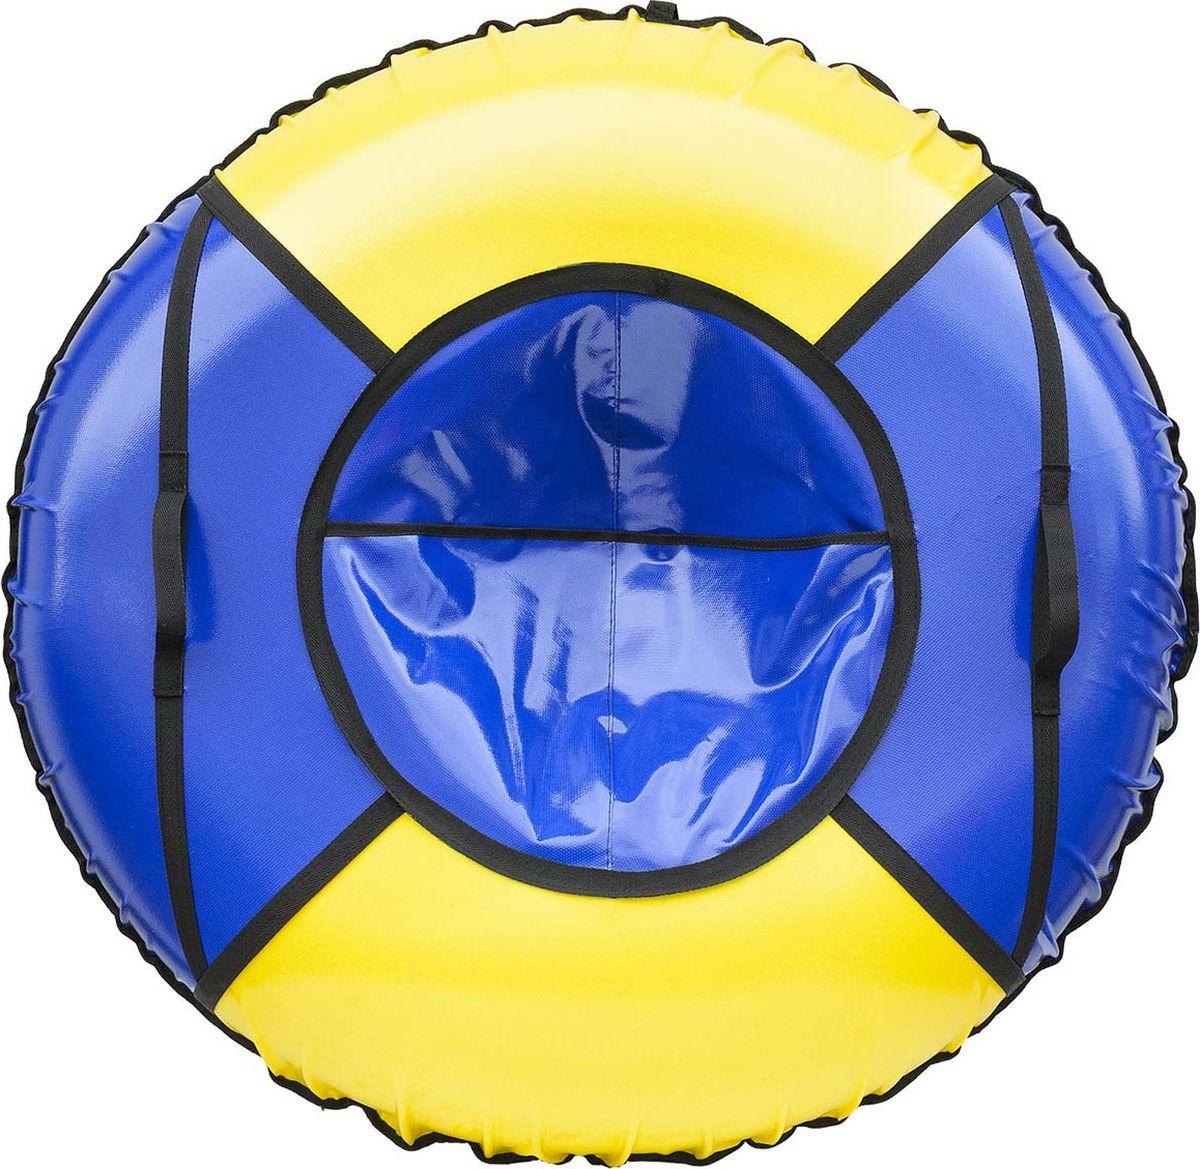 Тюбинг Эх, Прокачу! Профи-4, цвет: синий, желтый, 115 смСП115-4-2Качественные бюджетные санки-ватрушки для катания по снегу из 4 секций * размеры указаны в надутом состоянии * дно изготовлено из ткани ПВХ 630г/м2 * верх изготовлен из ткани ПВХ 630гр/м2 * камера российского производства * буксировочный ремень * морозоустойчивость -45 * допускается деформация формы санок из-за неравномерности надутия камеры